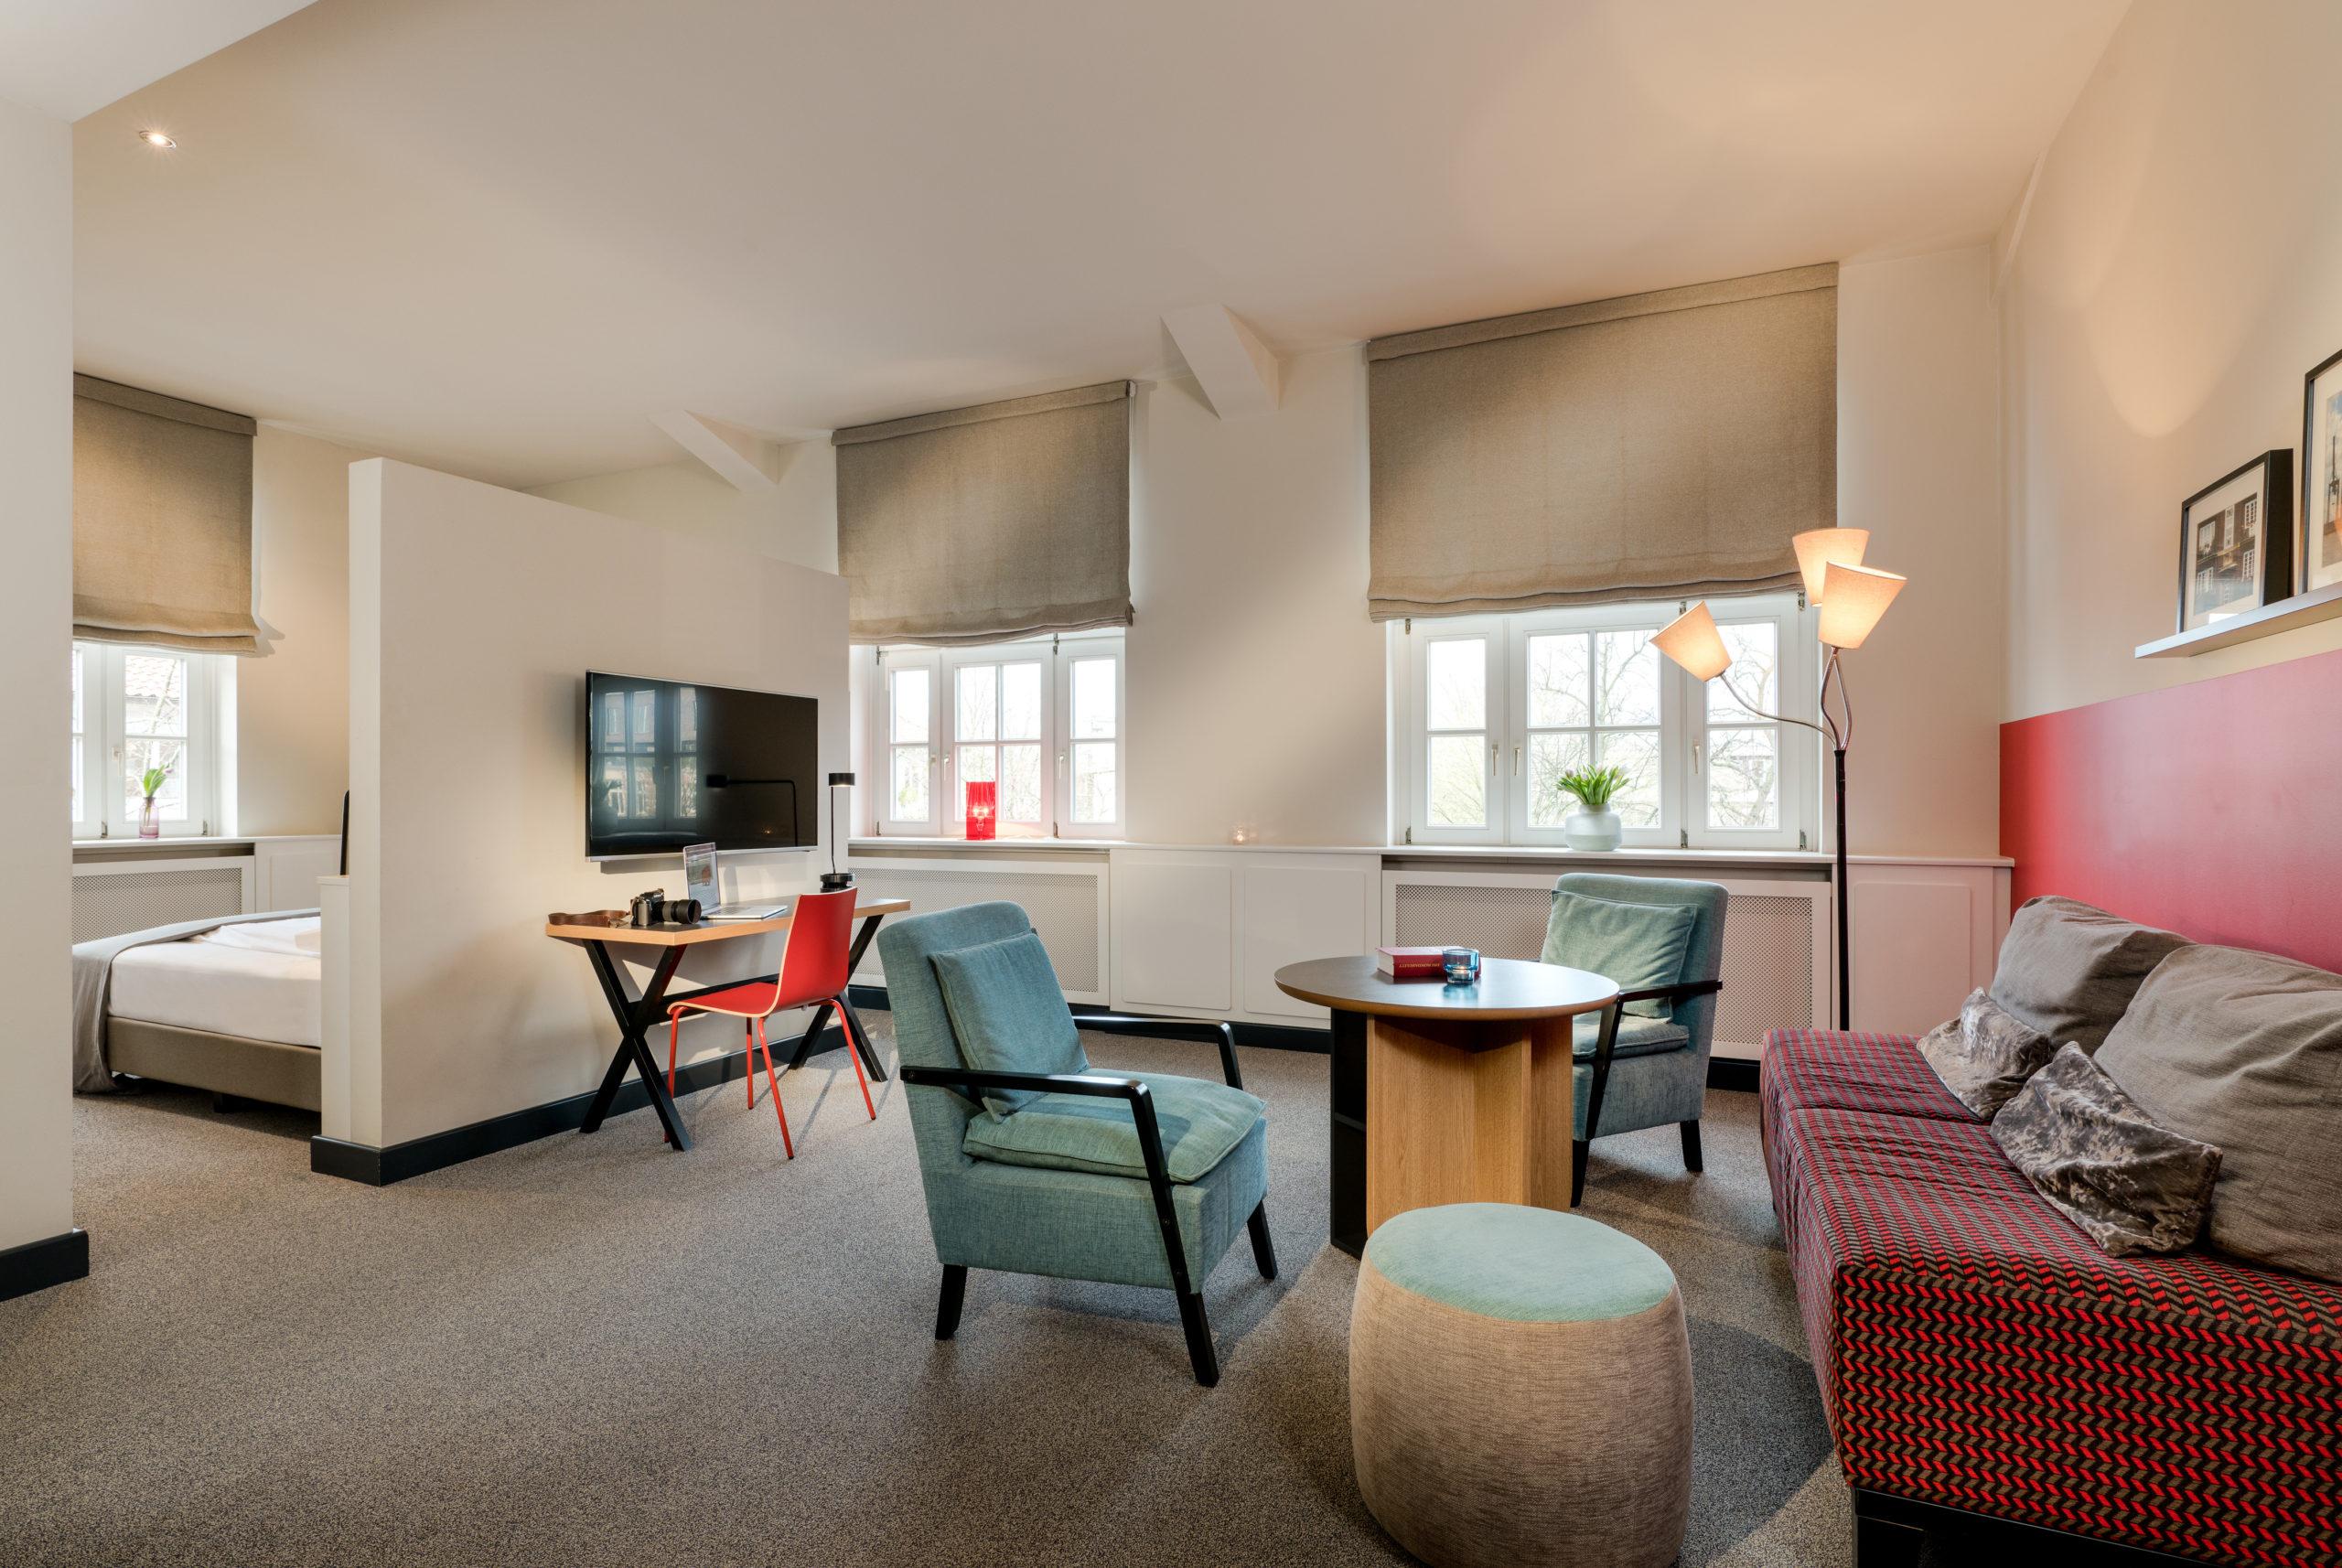 Apartmenthotel Hamburg – Apartment040: Serviced Apartments in Hamburg als Zwischenmiete und Übergangswohnung